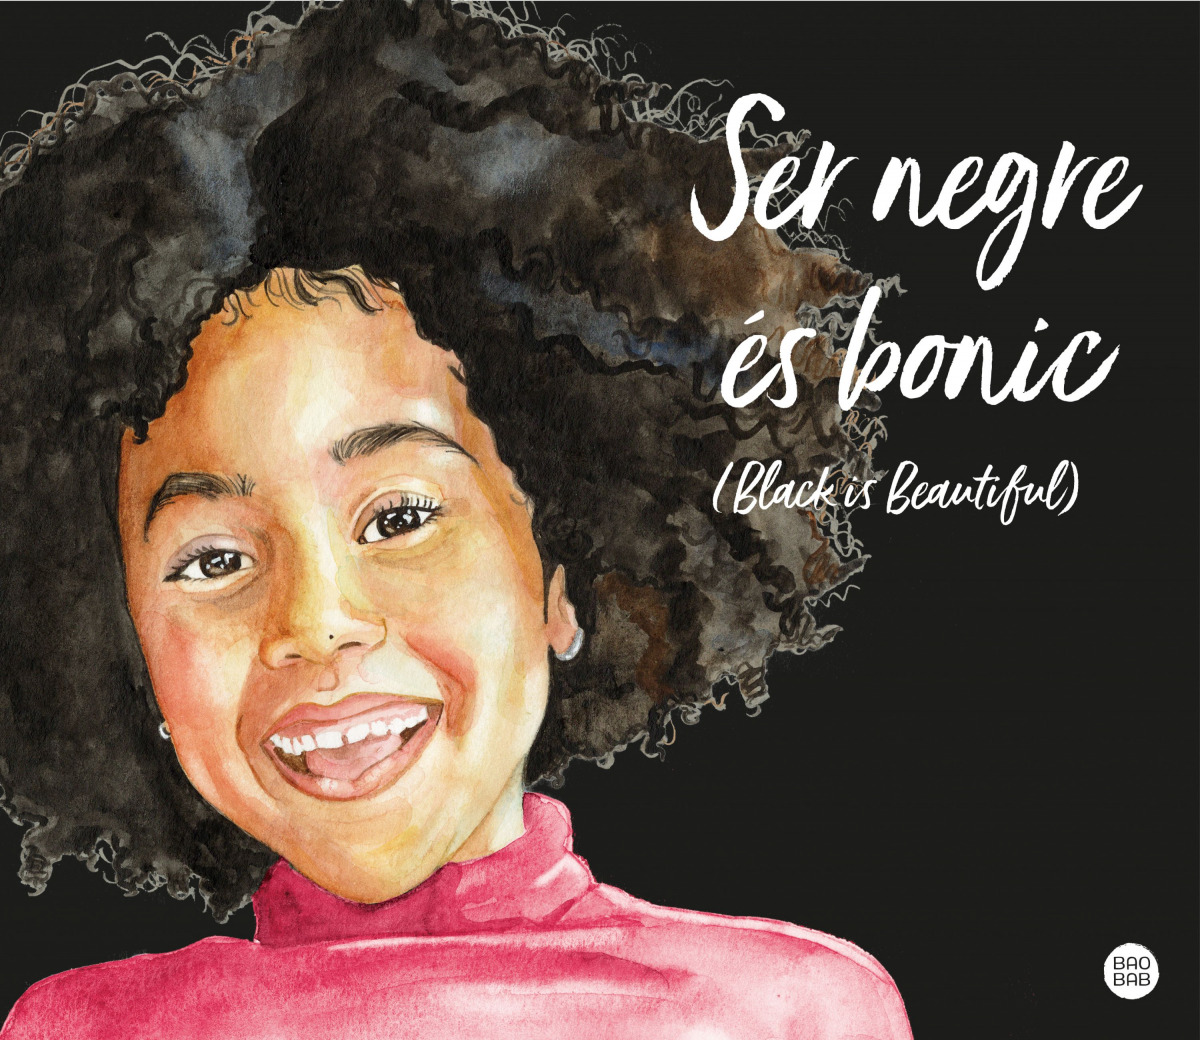 Ser negre és bonic (Black is beautiful)